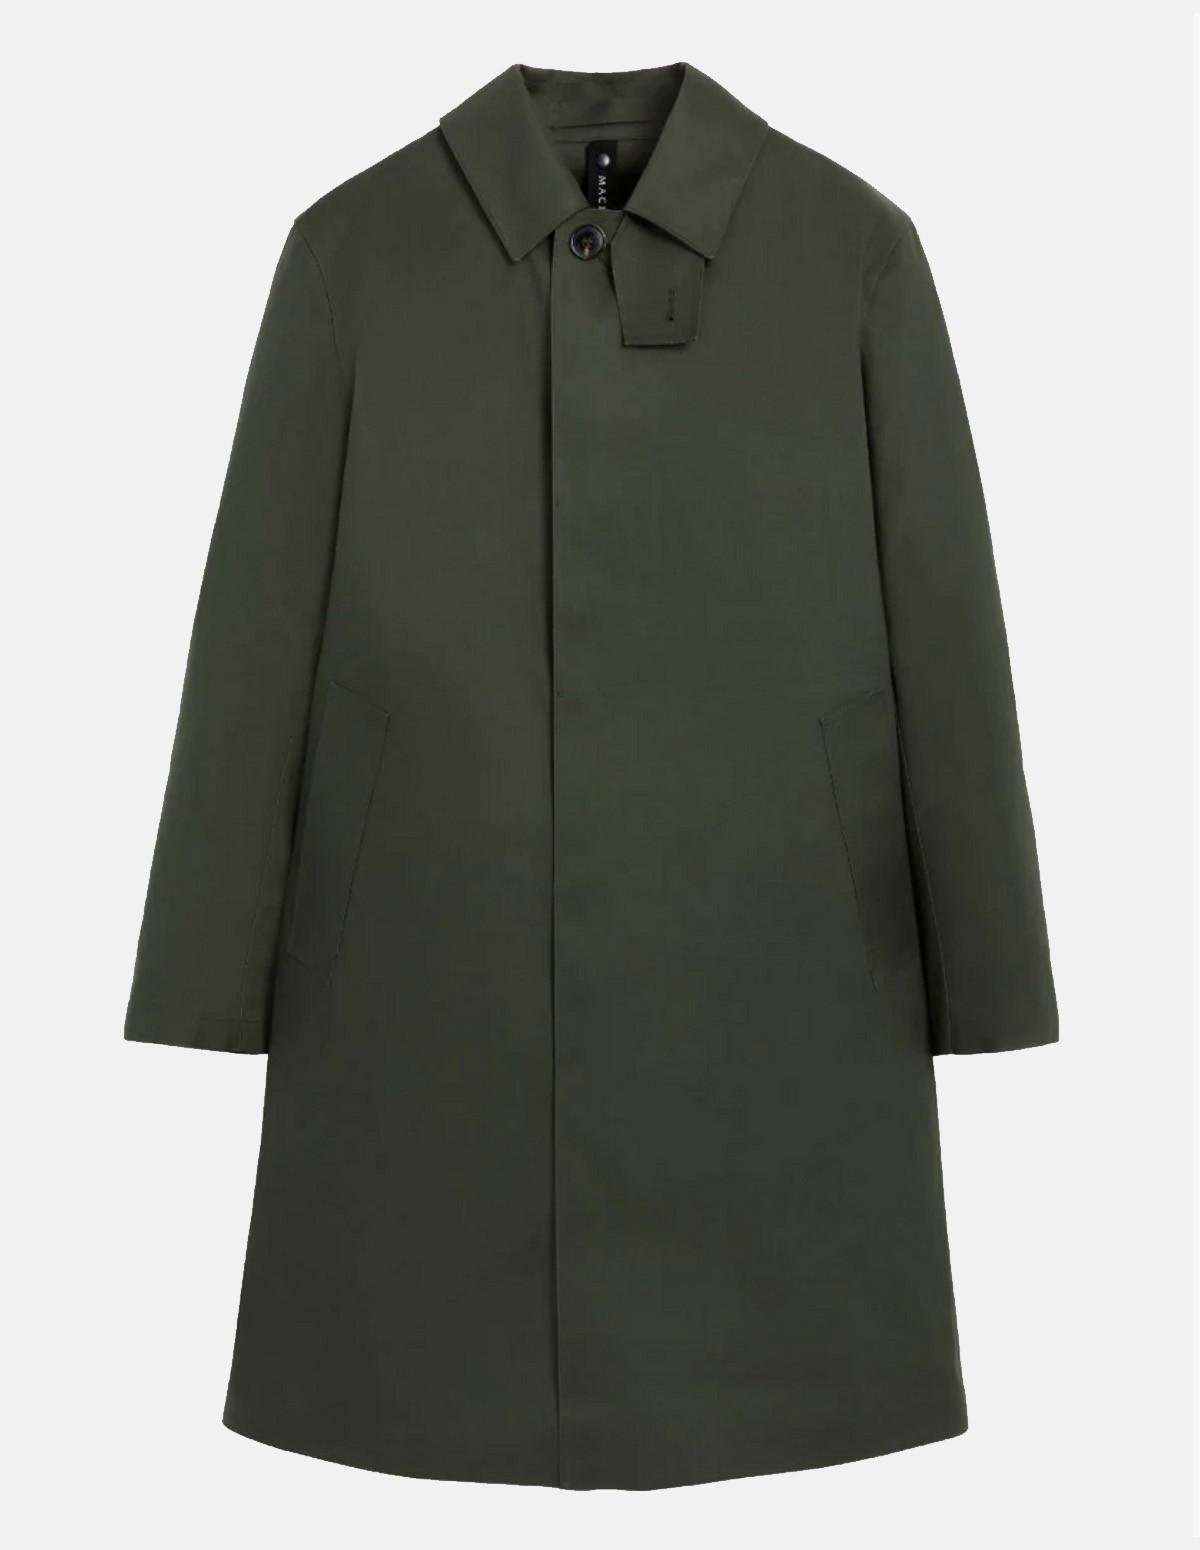 Mac Rop6718 Oxford Overcoat - BOTTLE GREEN